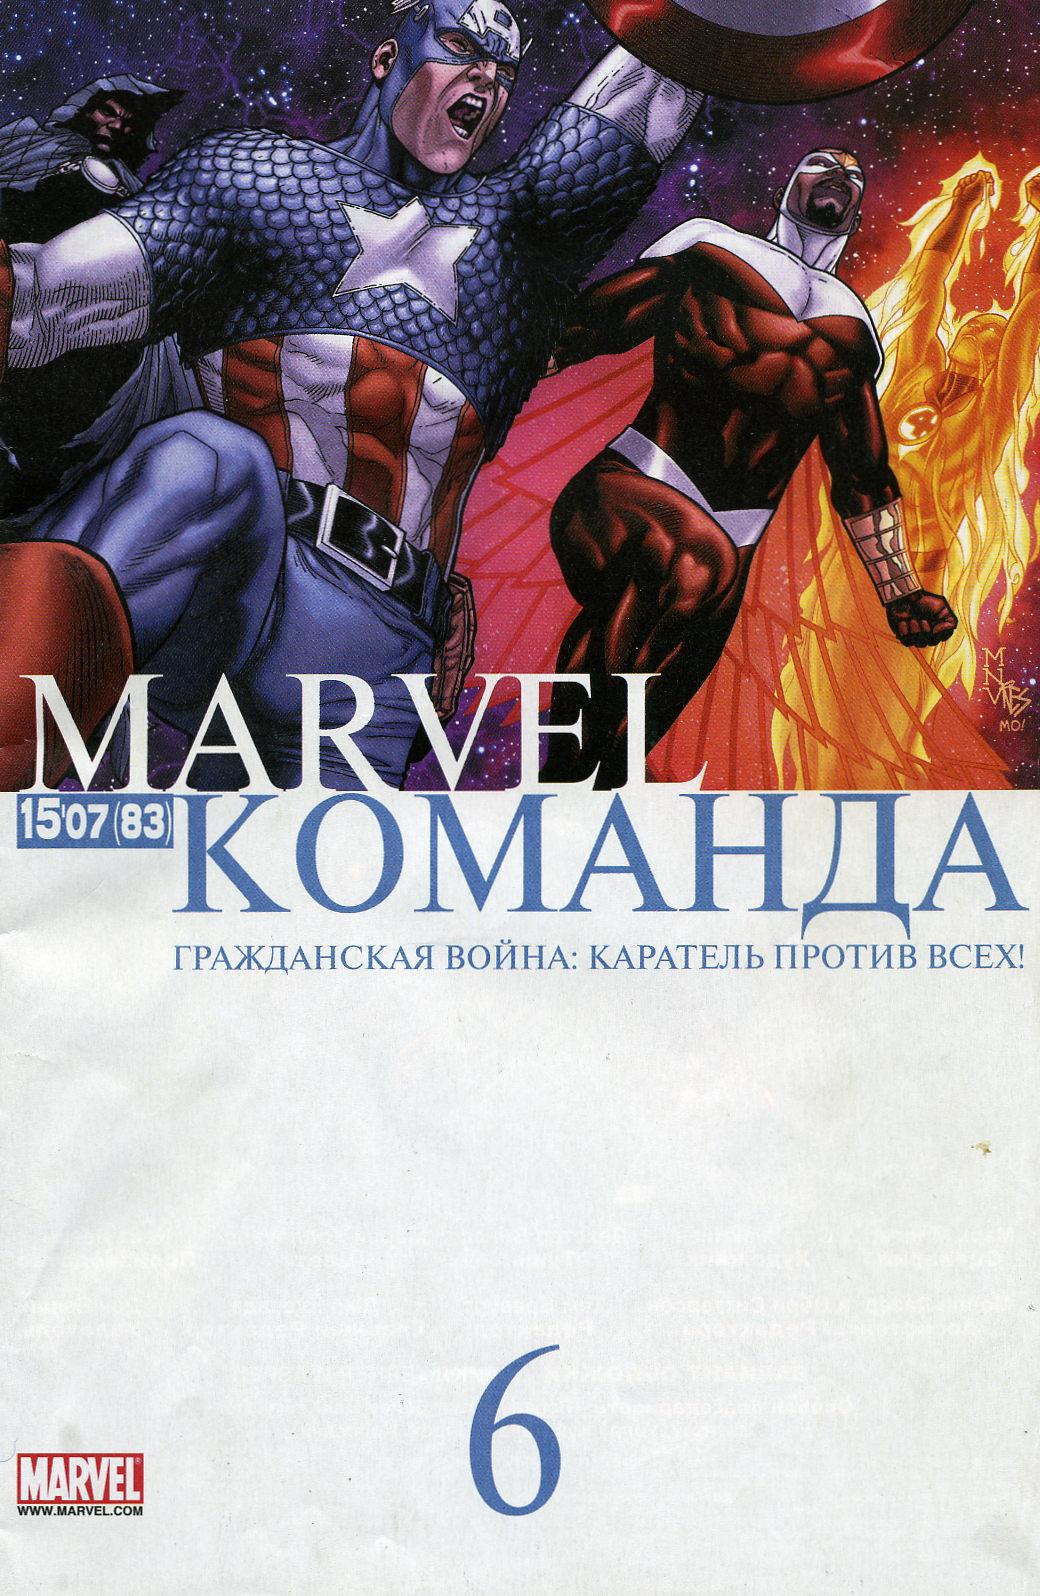 Комиксы Онлайн - Марвел Команда ИДК - # 6 - Страница №1 - Marvel Команда ИДК - Marvel Команда # 83